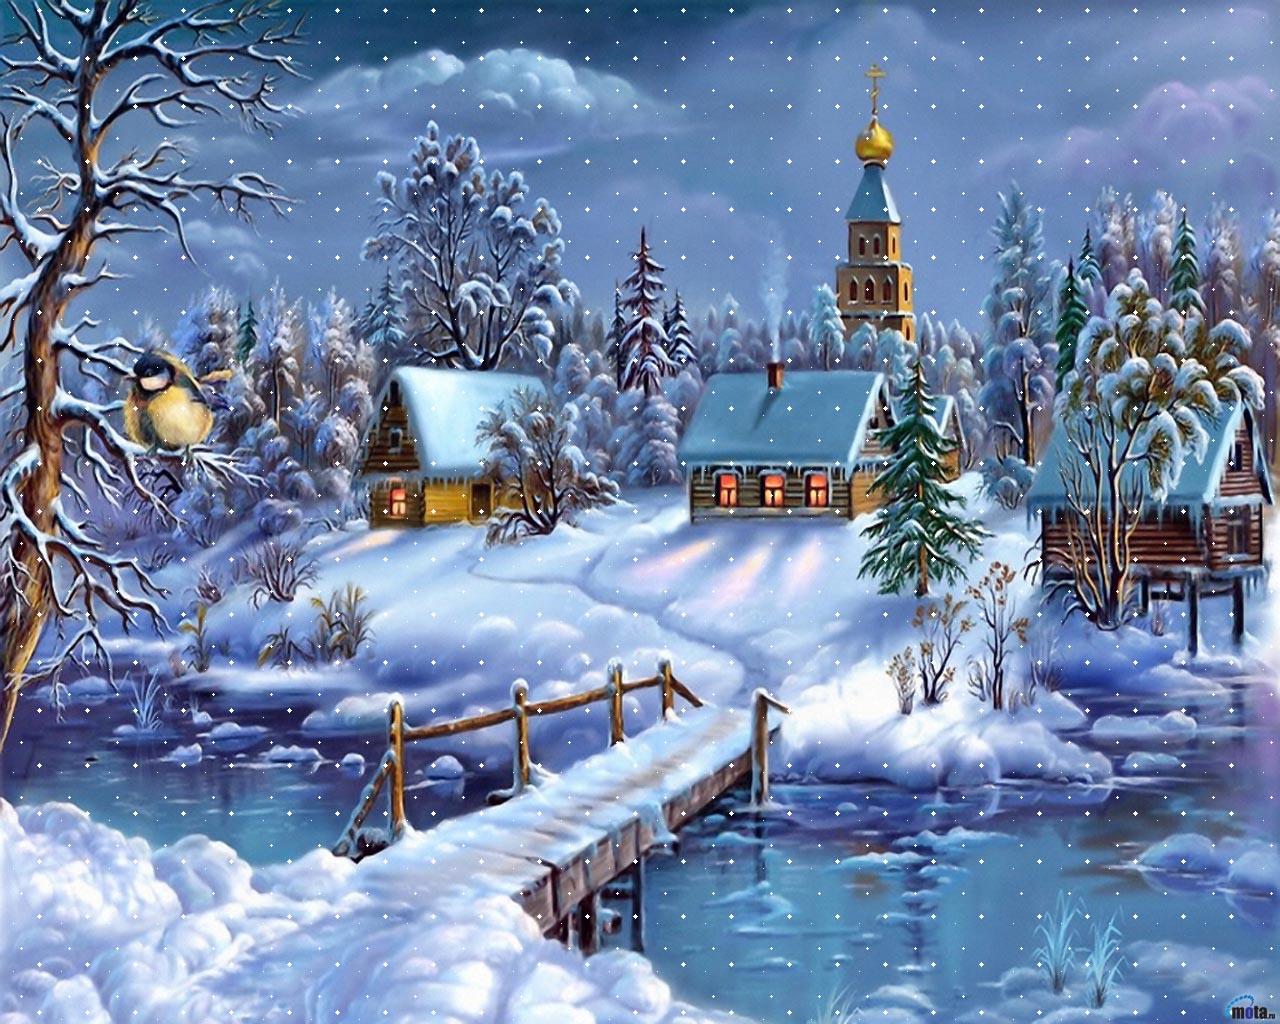 Desenhos Minha Arte: Christmas Wallpapers